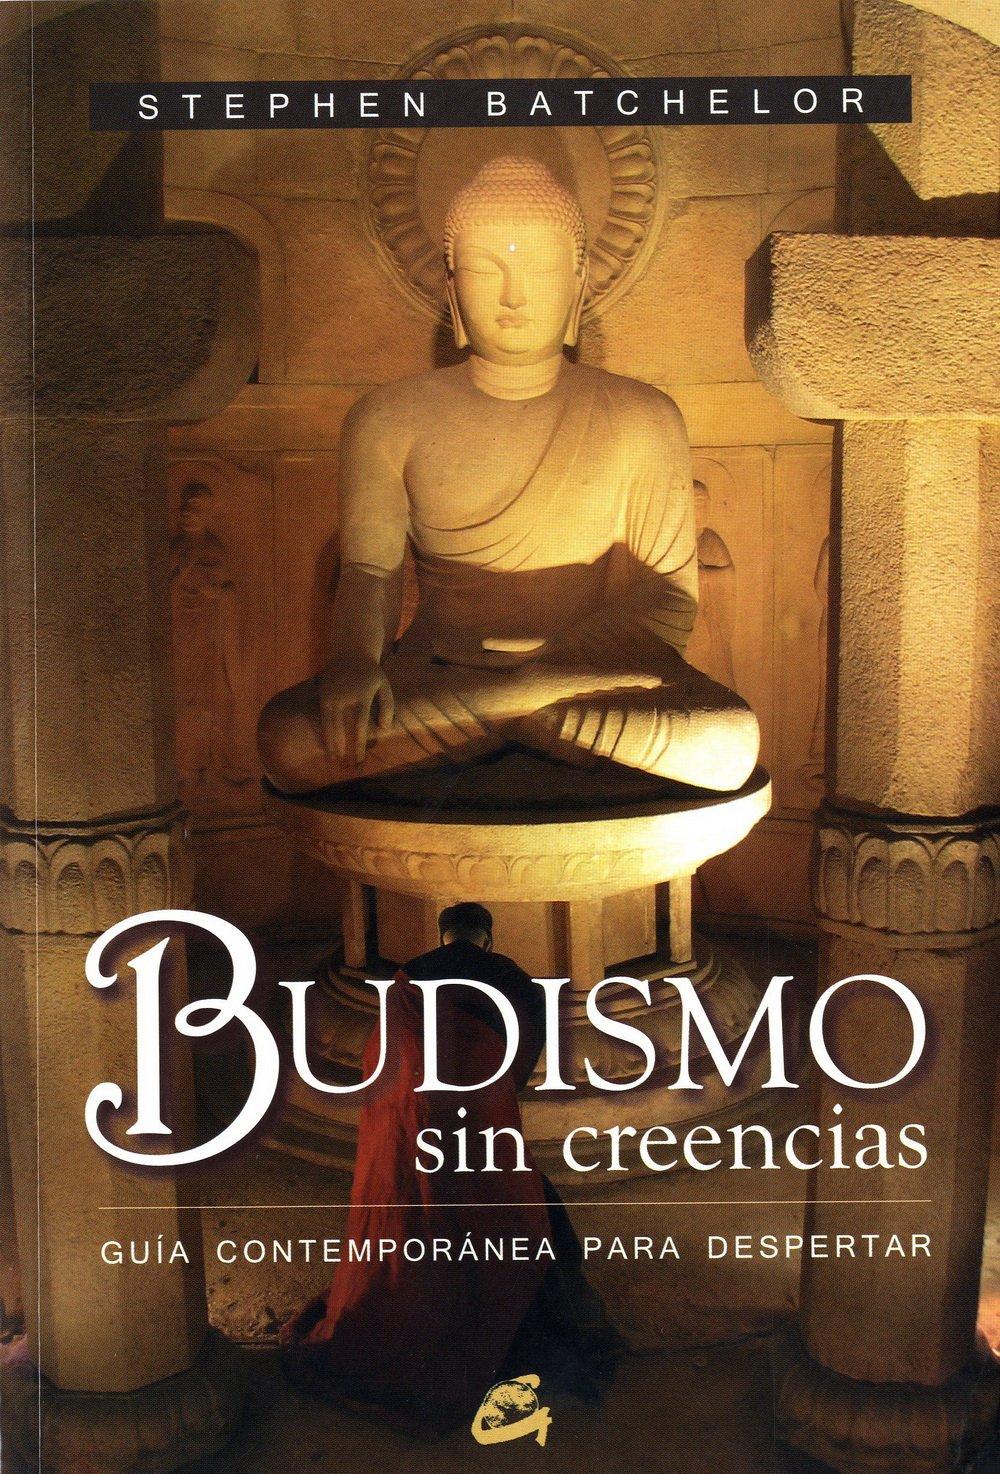 Budismo sin creencias (Spanish Edition) PDF ePub fb2 book